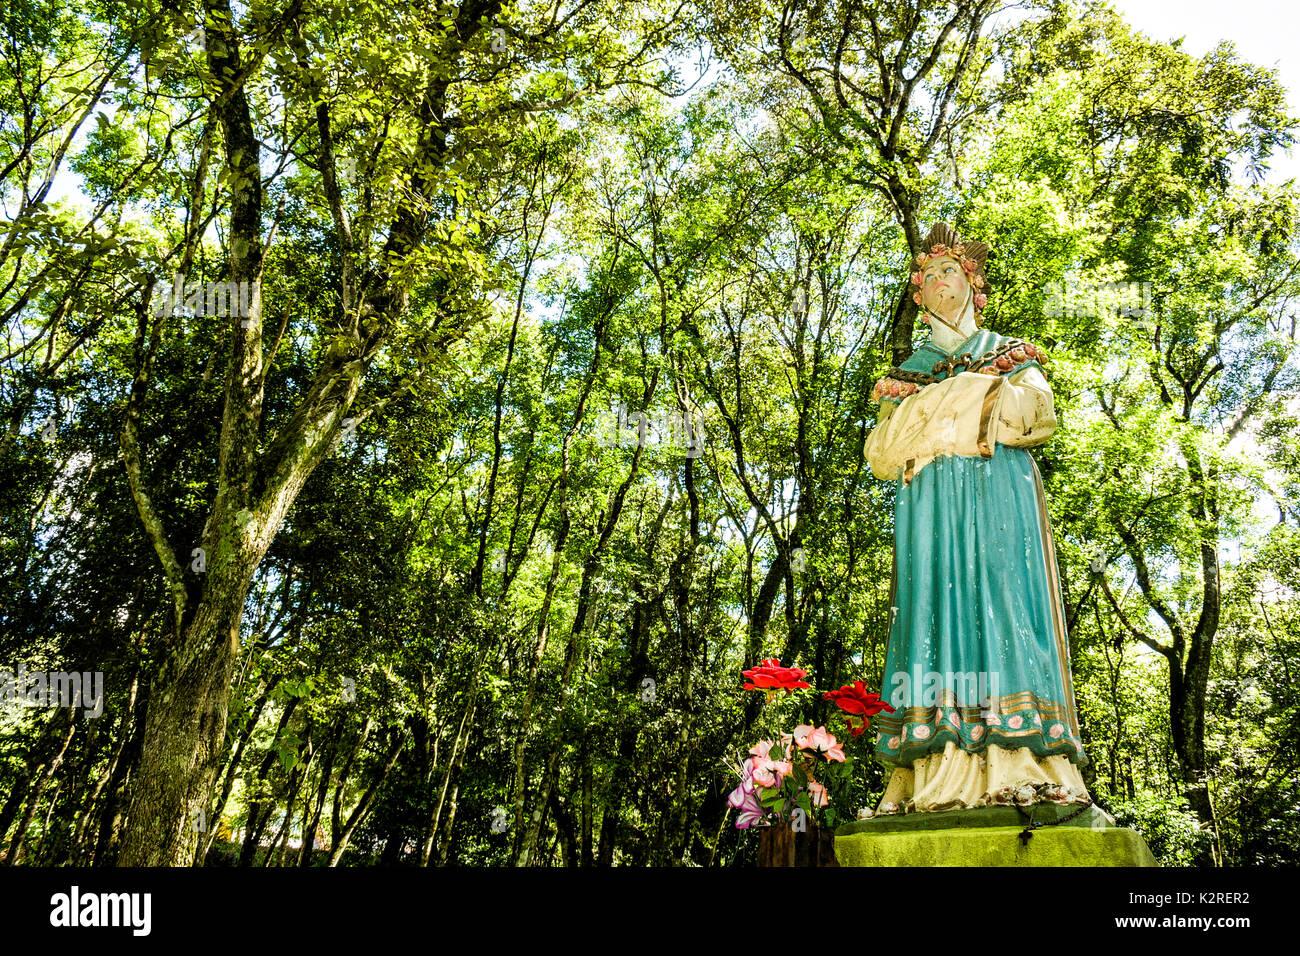 Caibi Santa Catarina fonte: c8.alamy.com